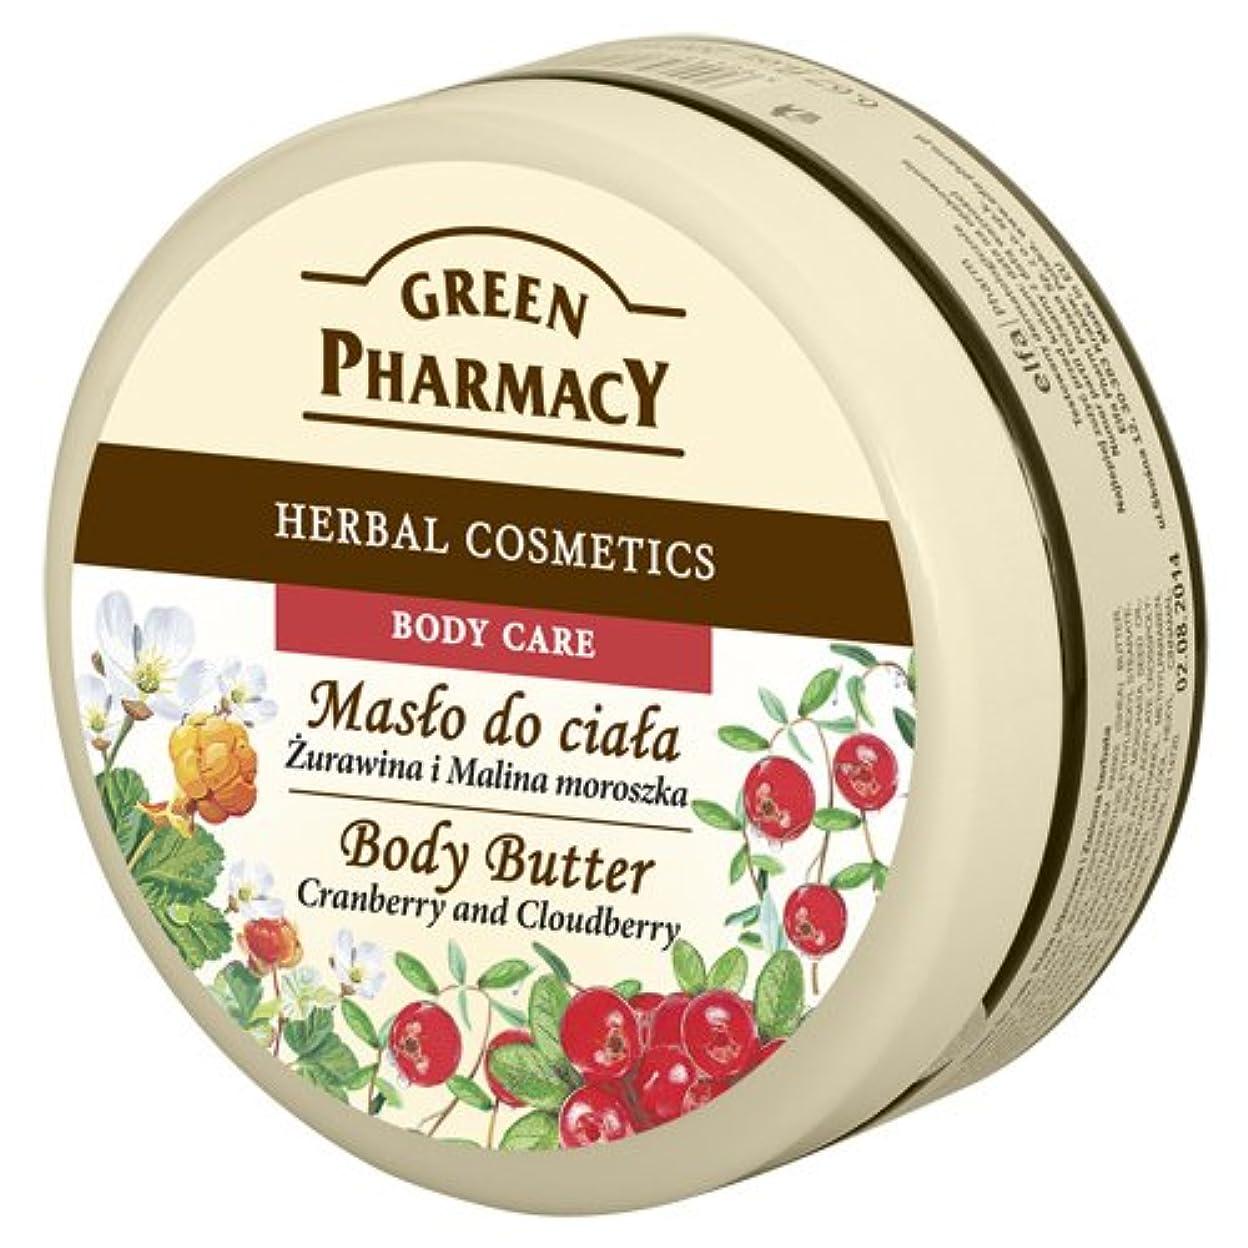 結果均等にチャンバーElfa Pharm Green Pharmacy グリーンファーマシー Body Butter ボディバター Cranberry and Cloudberry